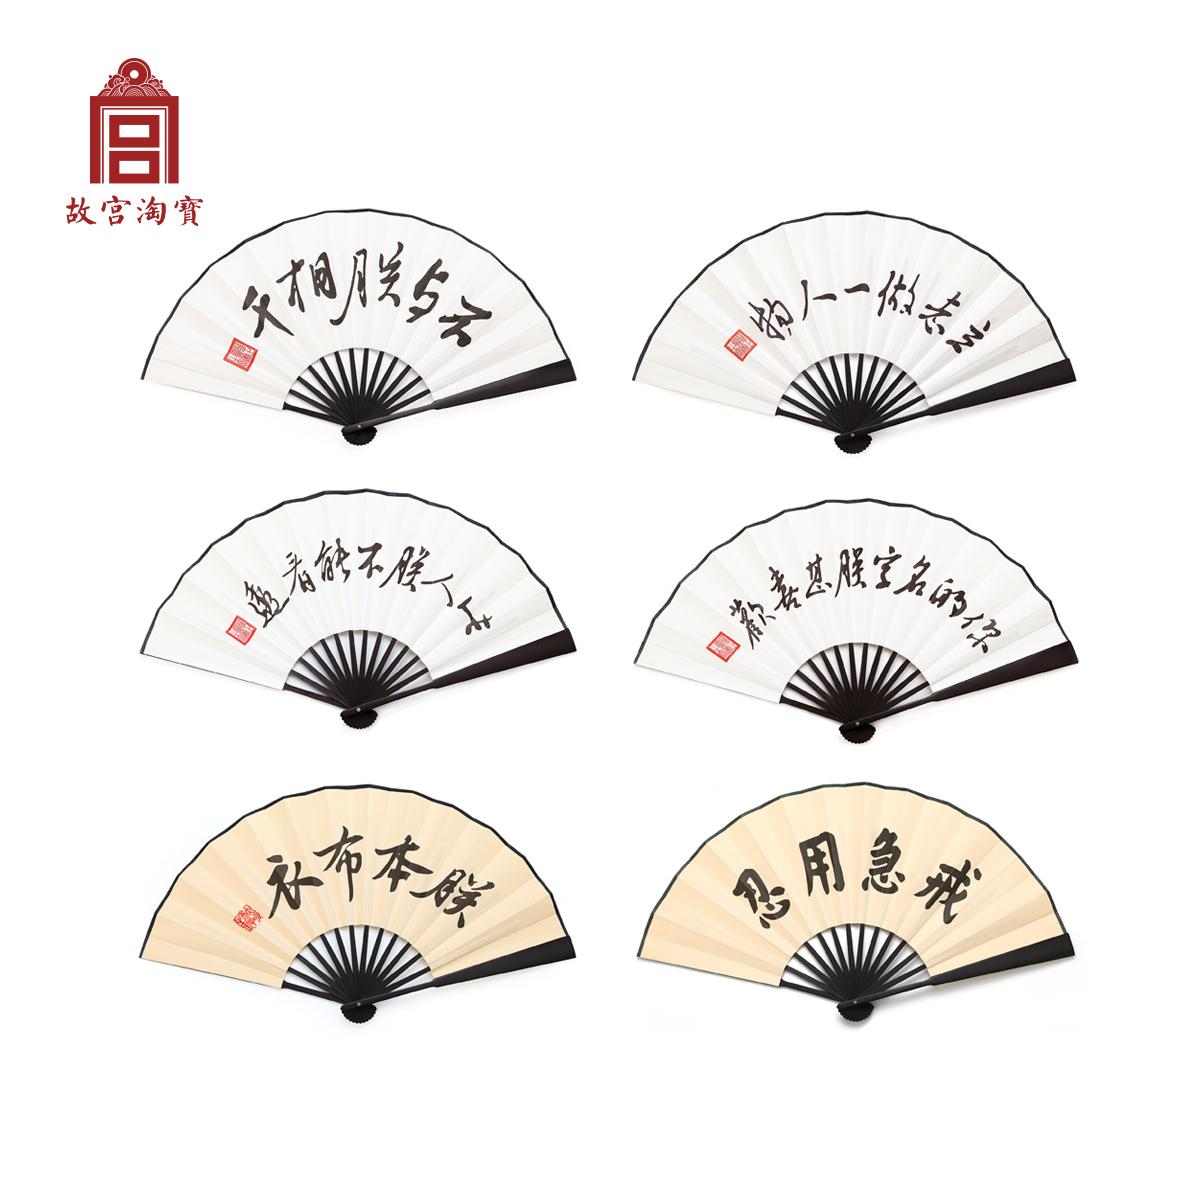 【 поэтому дворец taobao 】 государственный степень на должно быть свежий следующий - имперский партия серия копия сюаньчэнская бумага сложить вентилятор